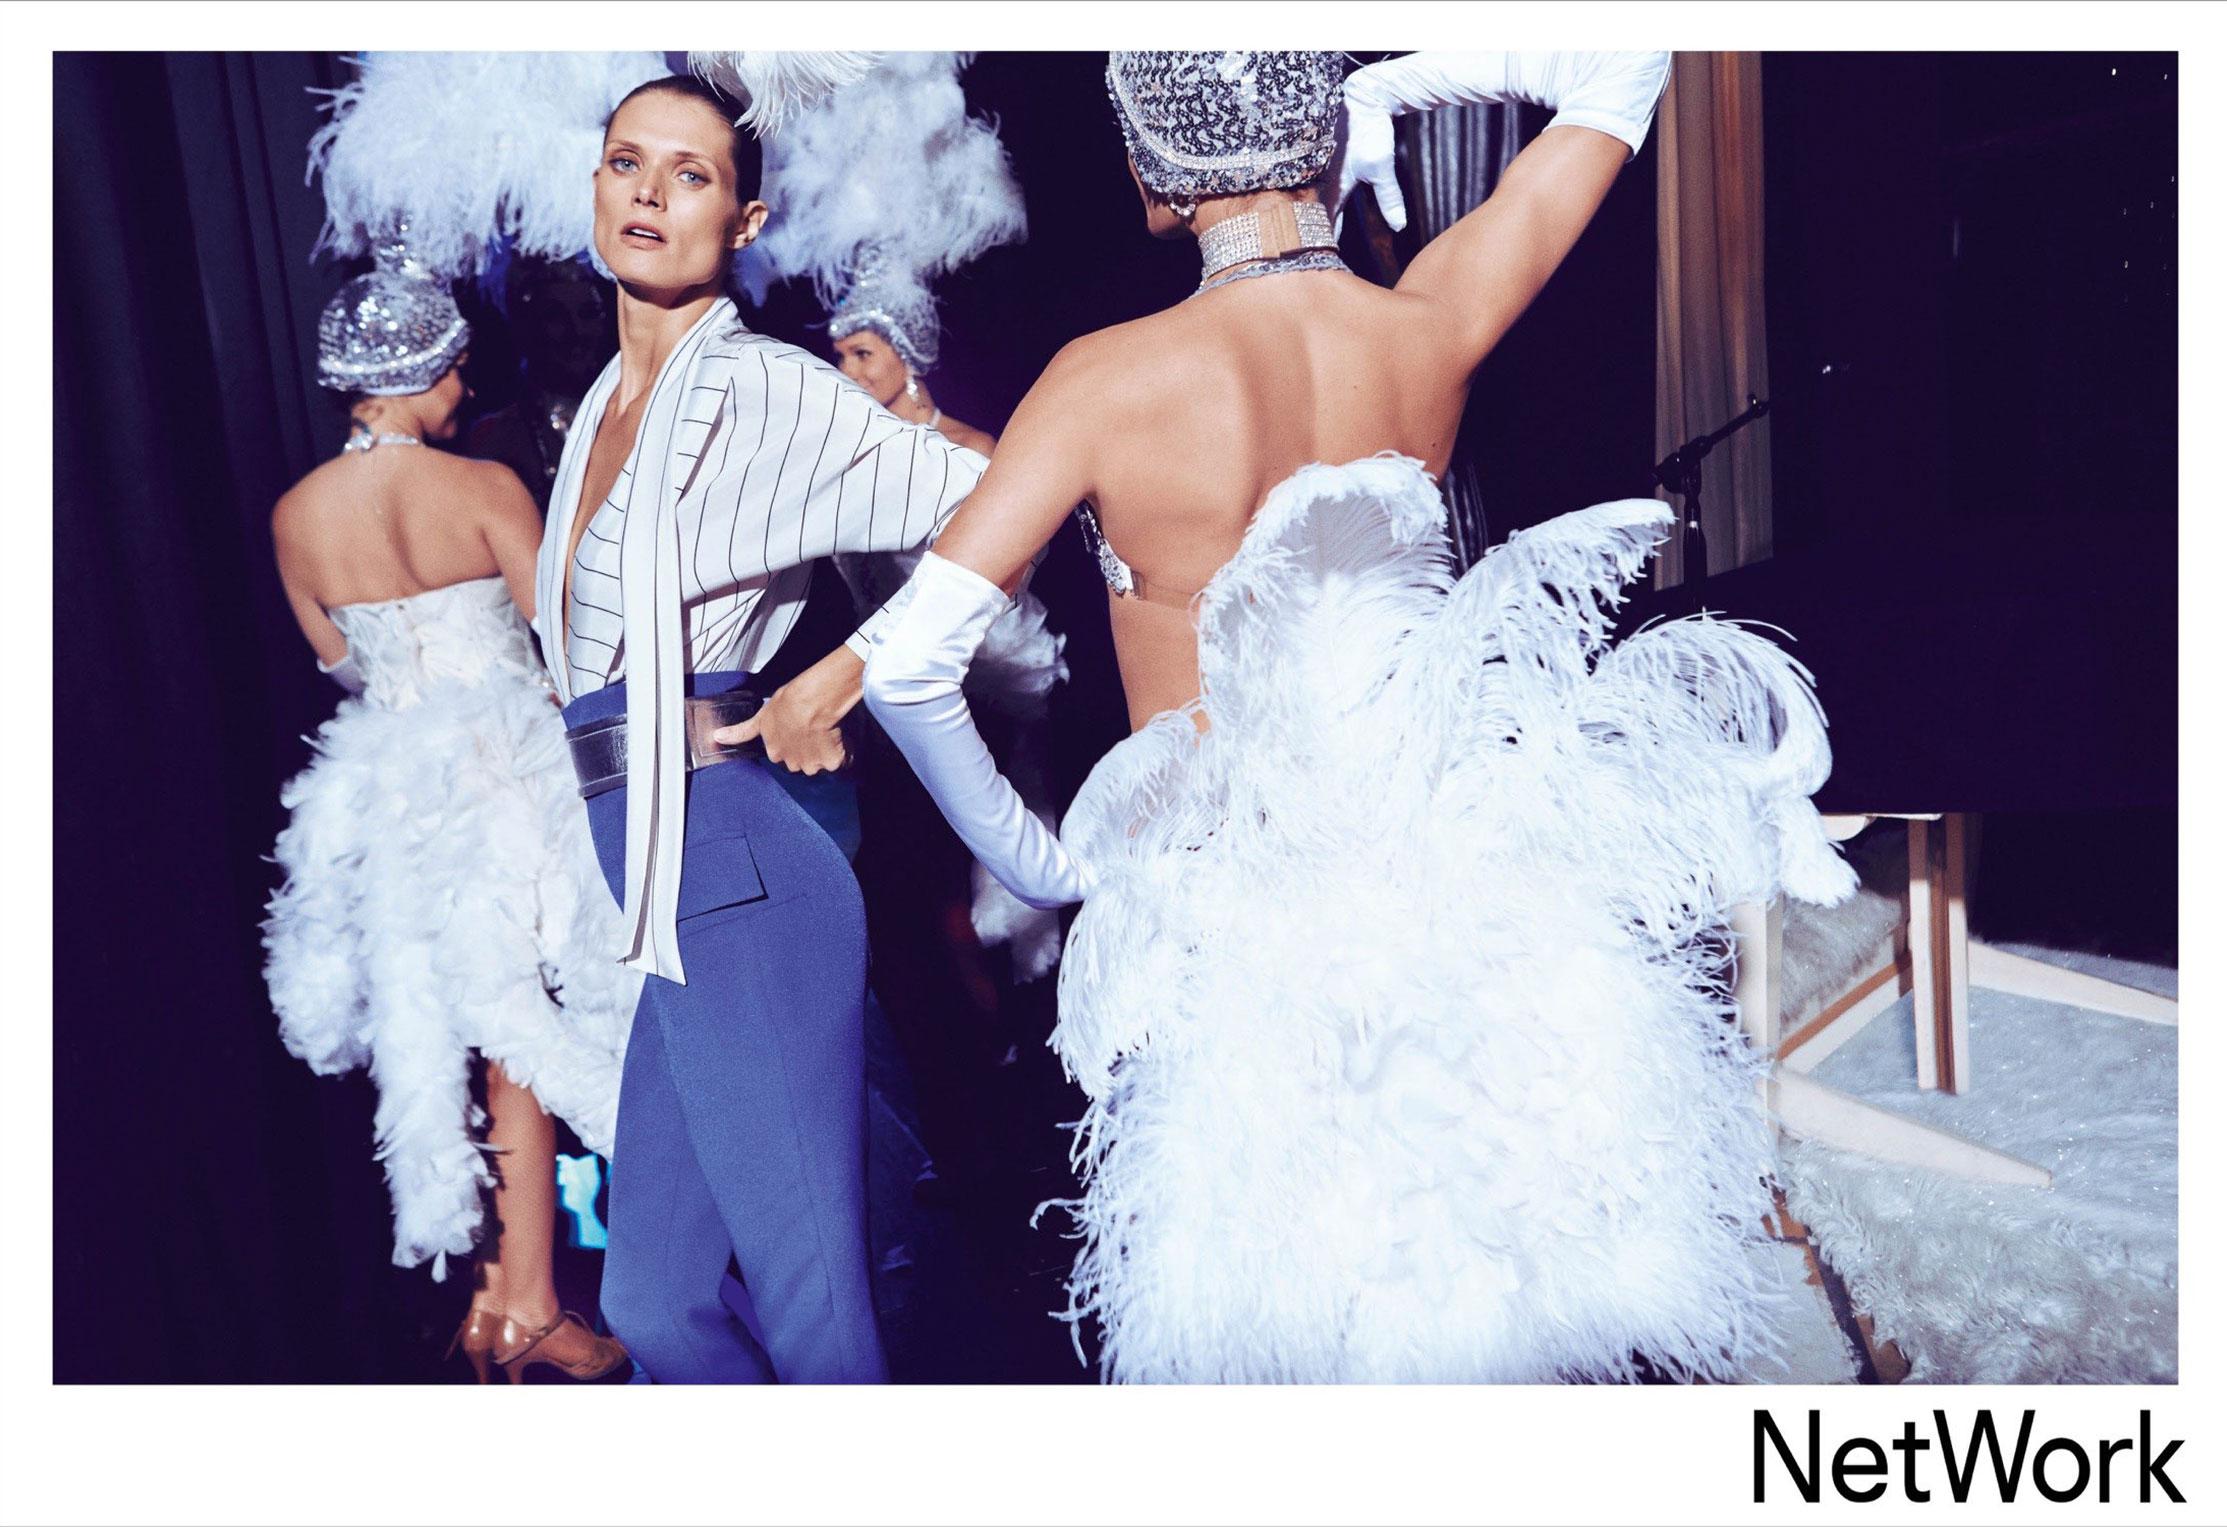 супермодель Малгоша Бела в рекламной кампании турецкого модного бренда Network, сезон весна-лето 2015 / фото 10